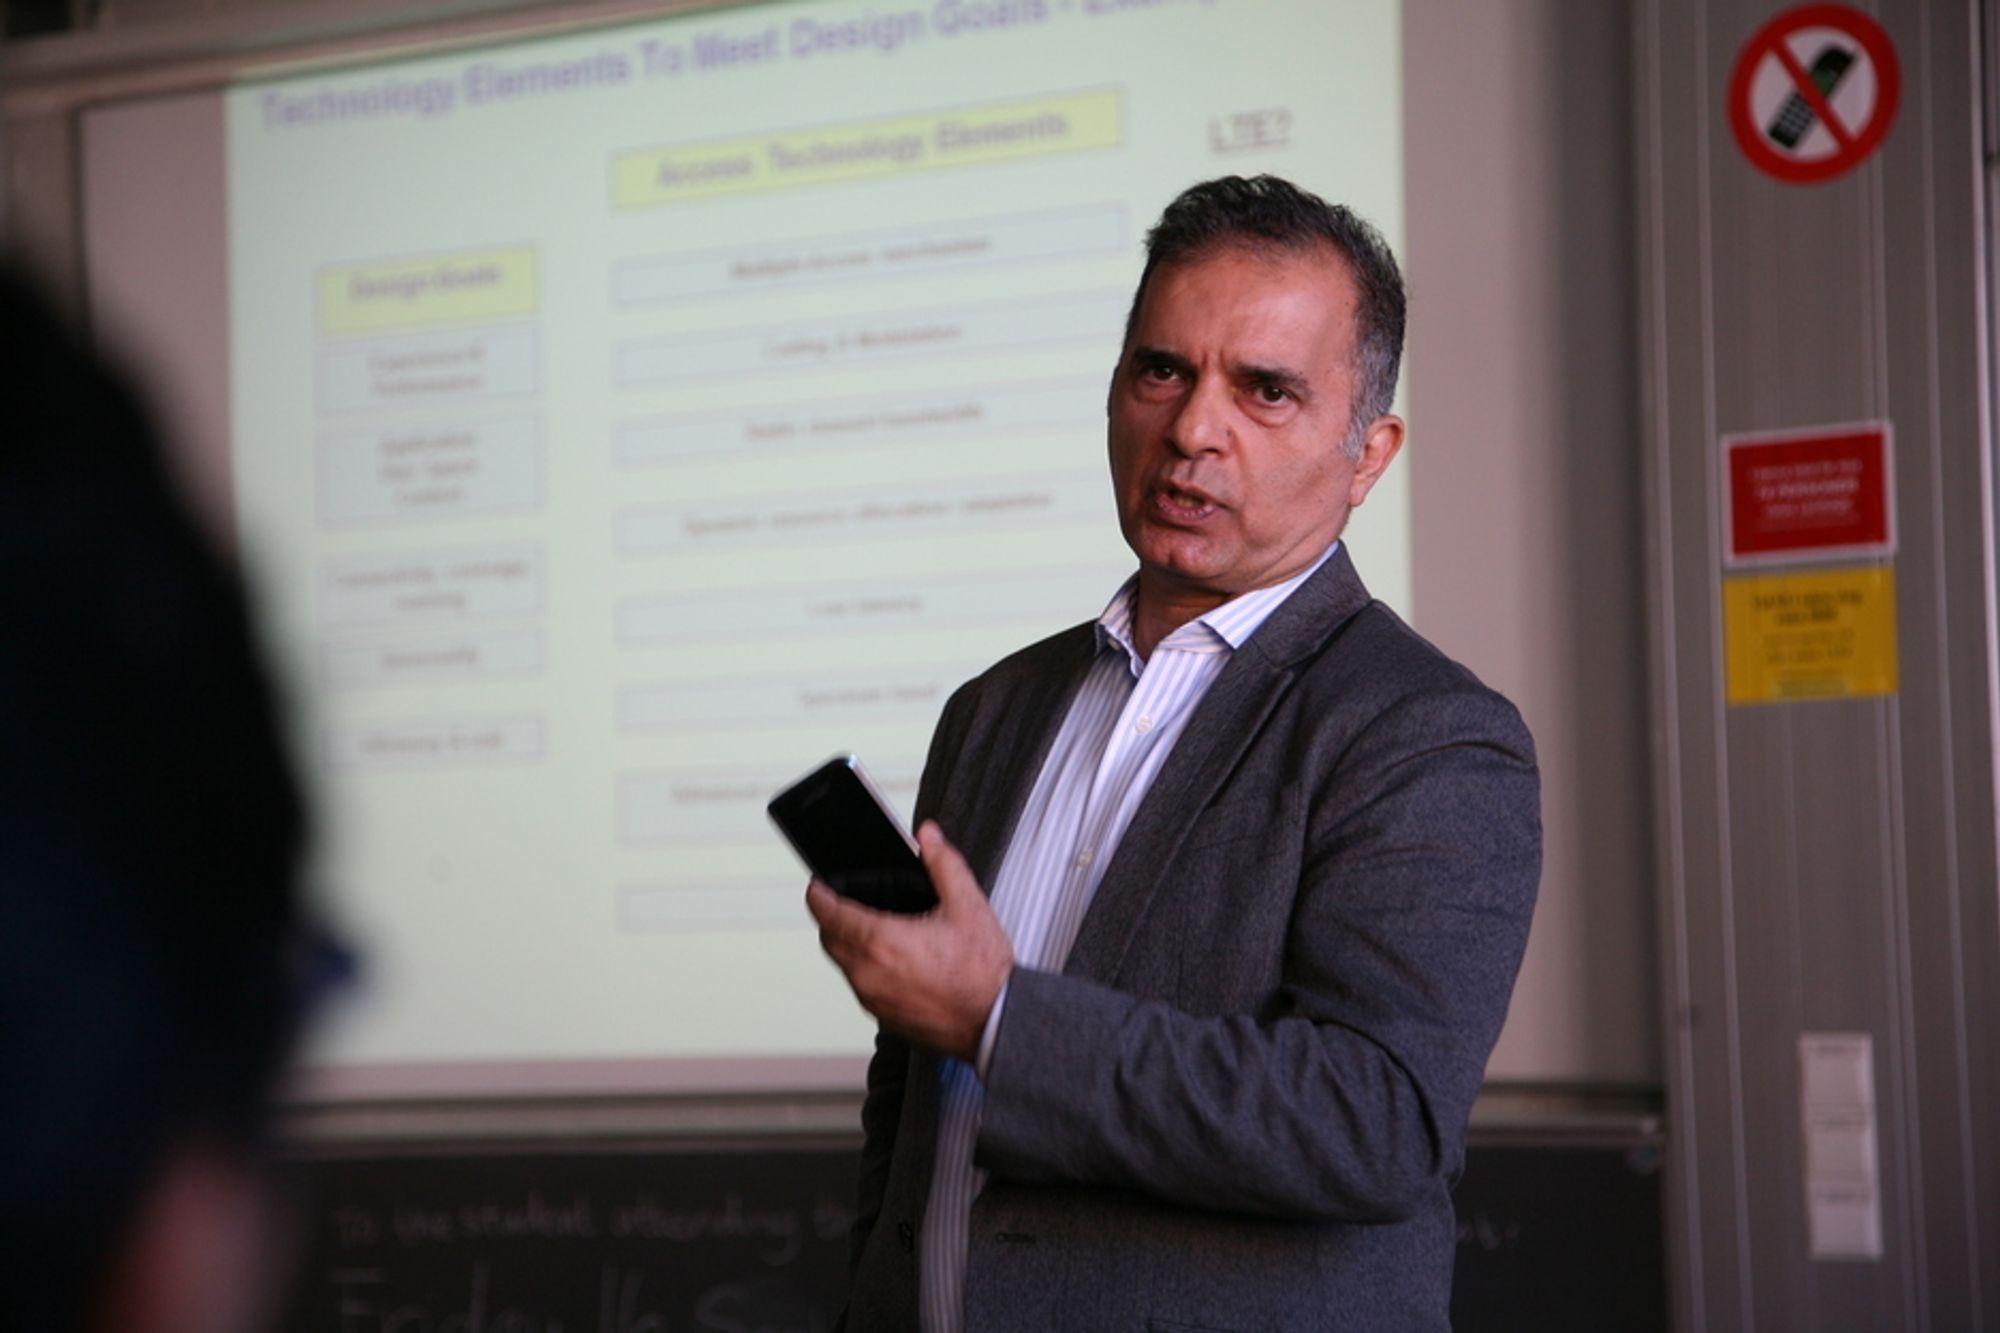 NYTT: Javan Erfanian mener mobilen blir tynnere og tynnere.